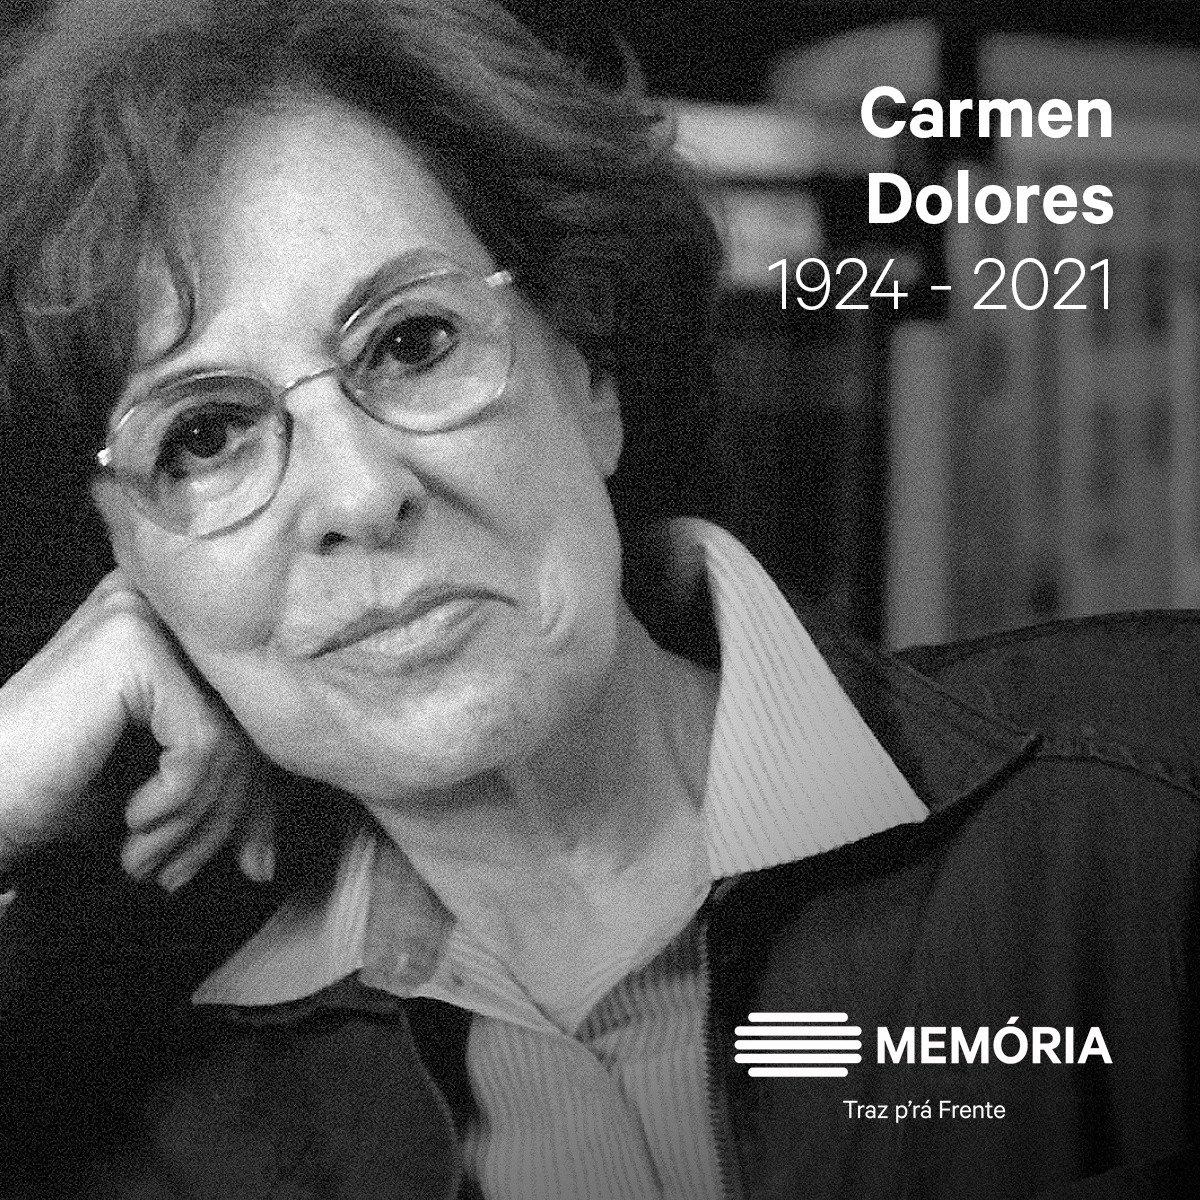 Carmen Dolores 22 abril 1924 | 16 fevereiro 2021 Carmen Dolores Cohen Sarmento Veres foi uma atriz e escritora portuguesa. Aos 14 anos, estreou-se na rádio, onde manteve depois uma intensa atividade, nomeadamente em programas de divulgação de poesia.  https://t.co/7I4E9lAjfX https://t.co/M5AtcLukLu